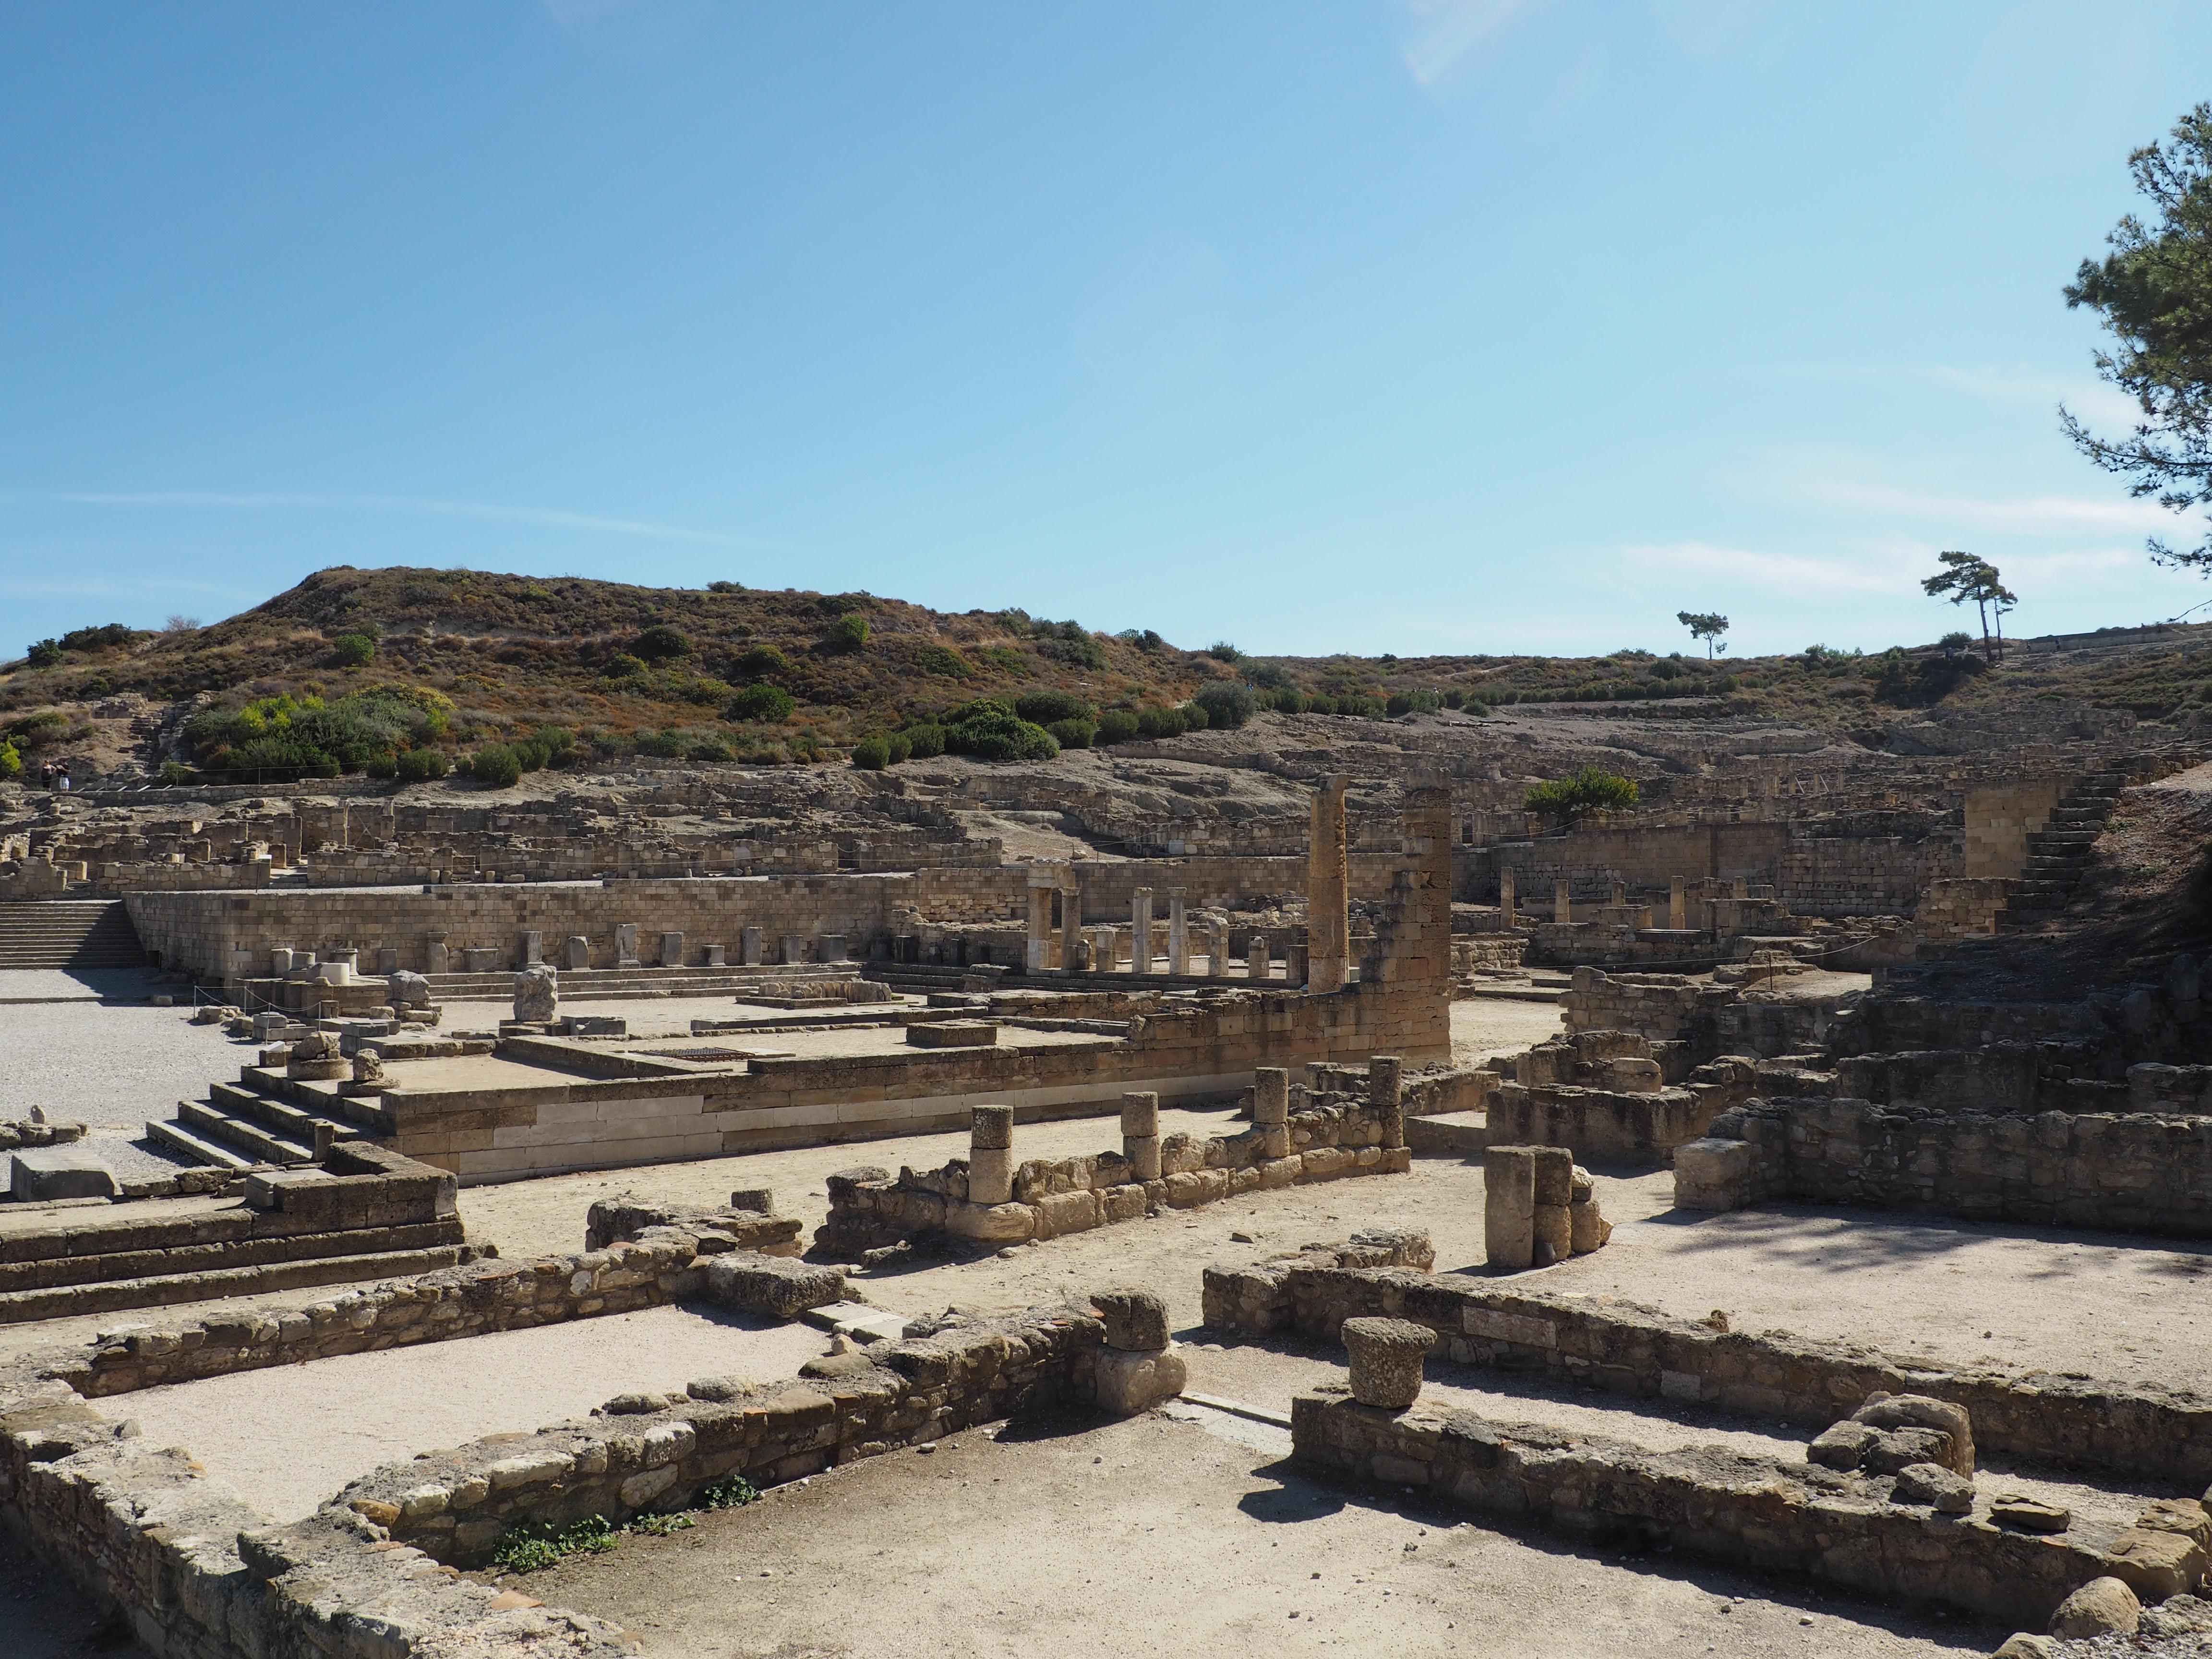 Überreste der antiken Stadt Kamiros auf Rhodos